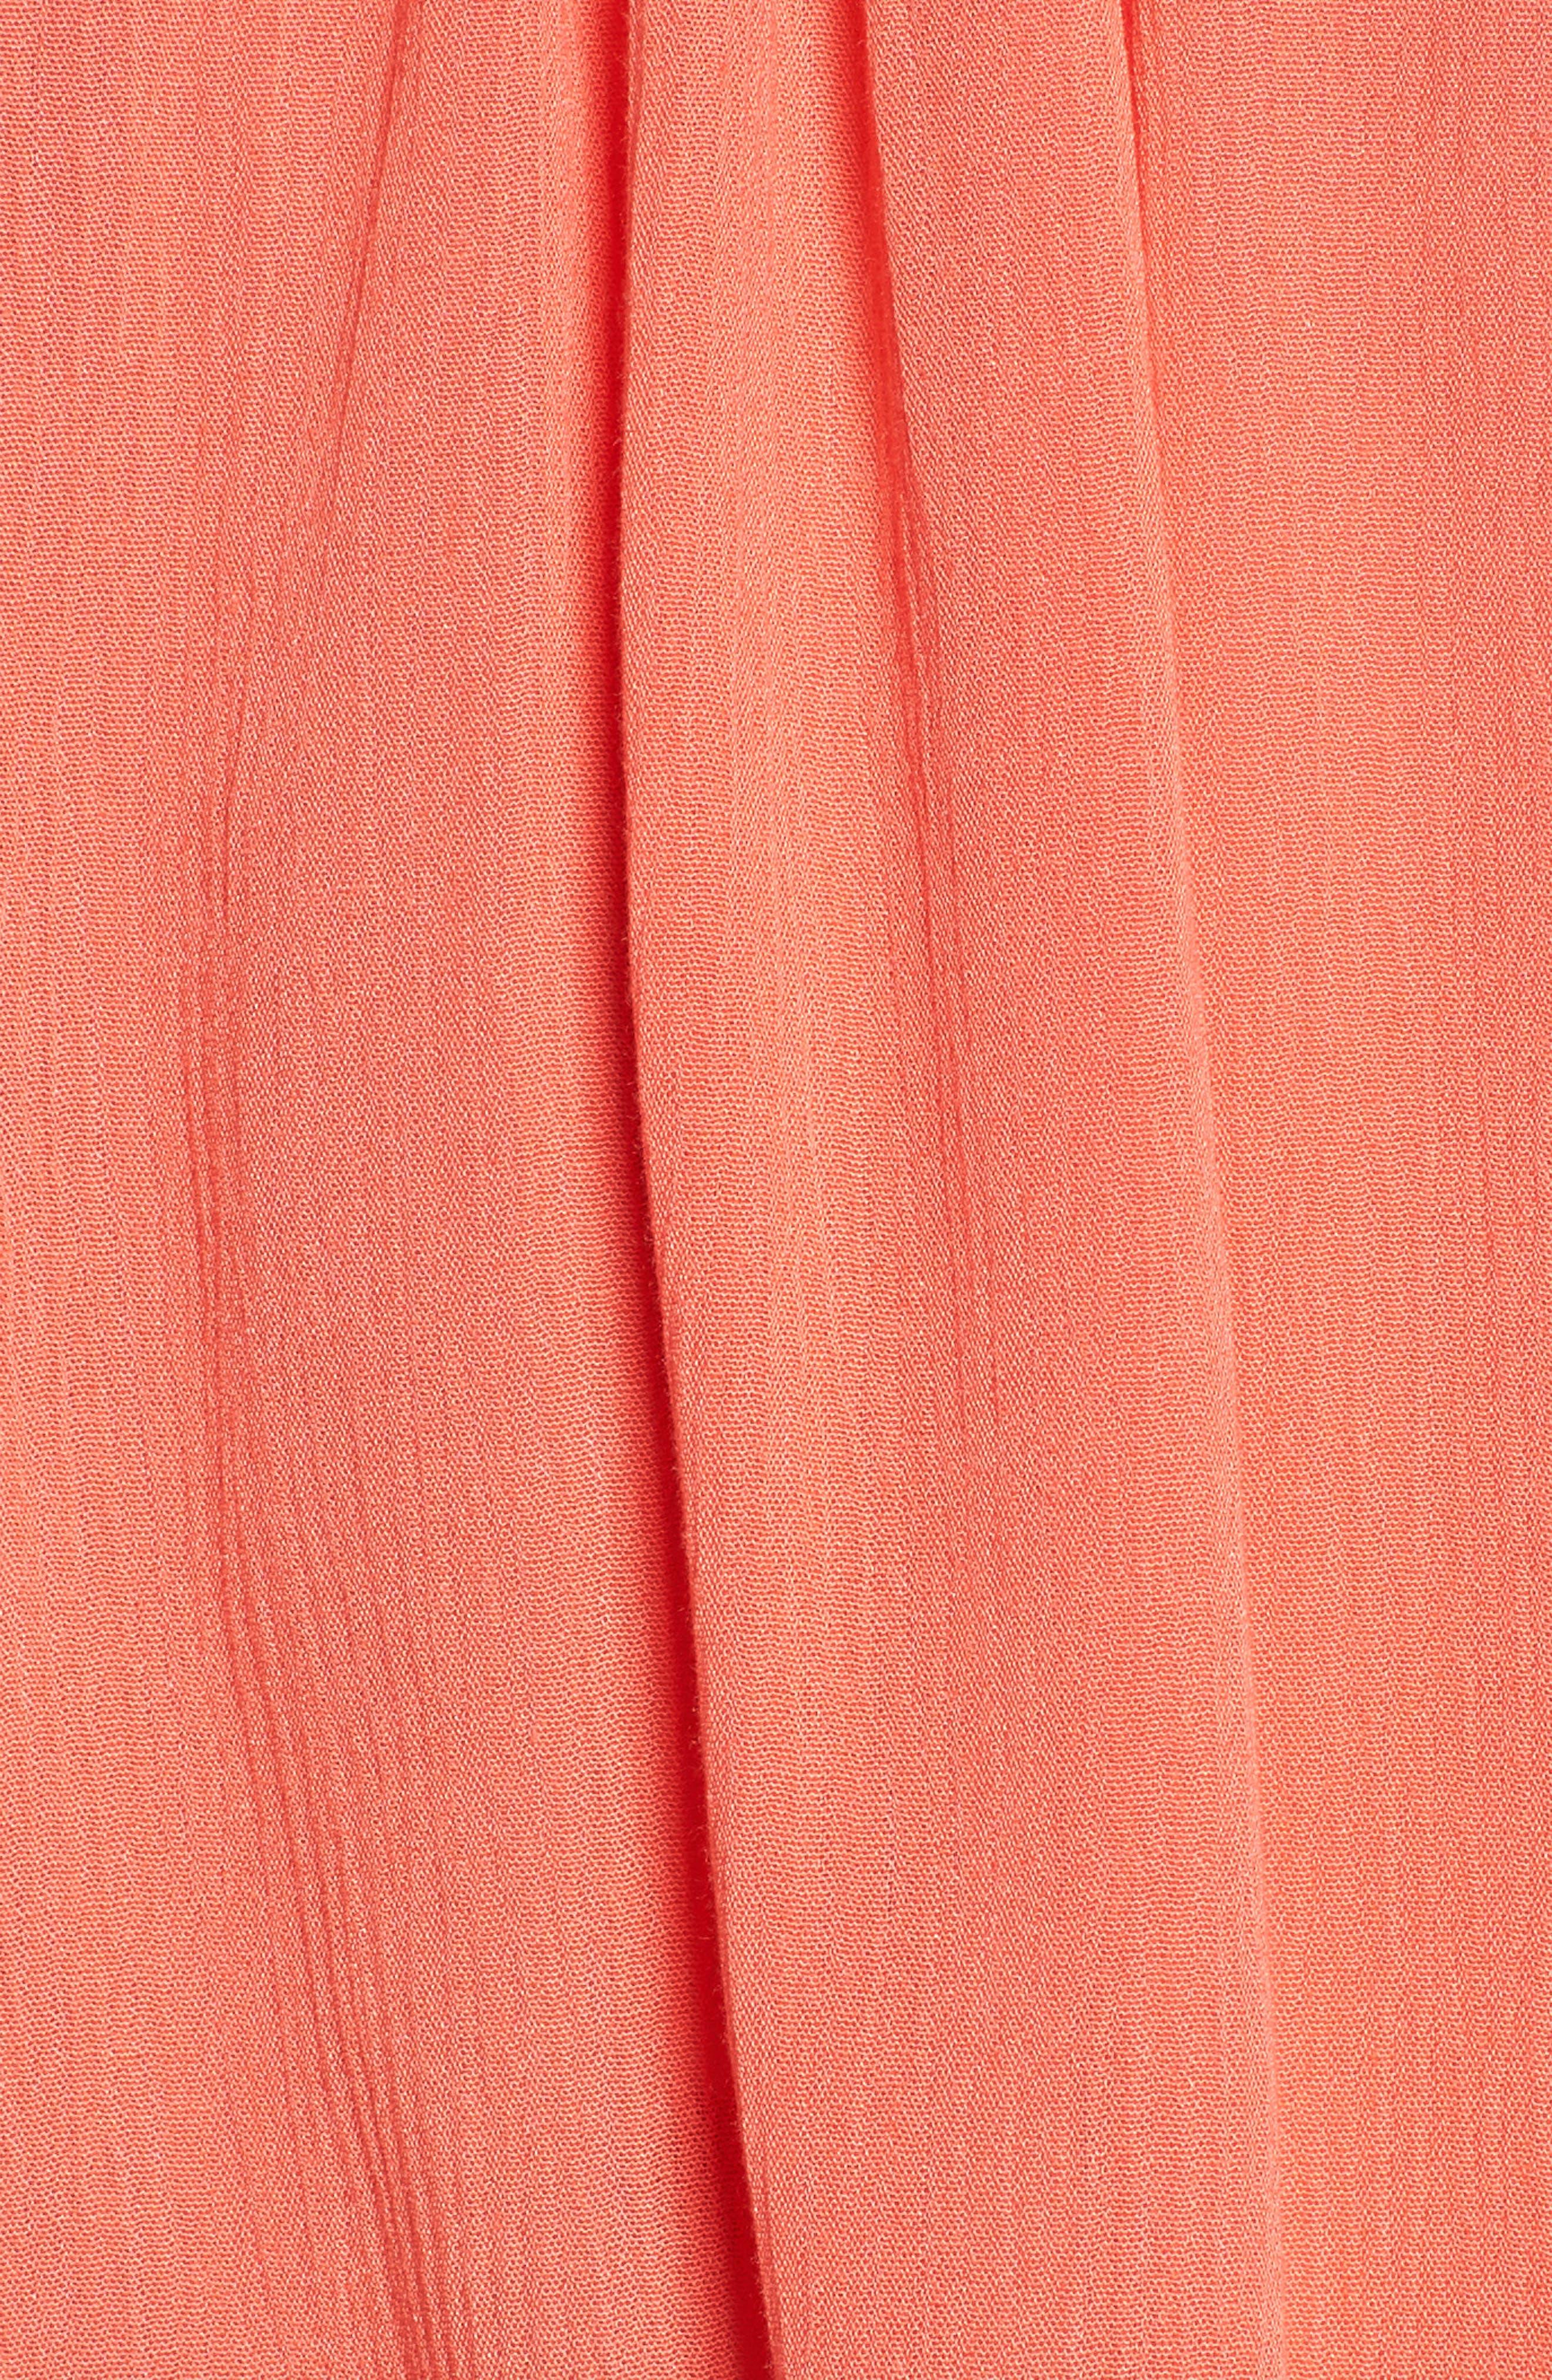 Bettie Cold Shoulder Blouse,                             Alternate thumbnail 6, color,                             Hot Coral